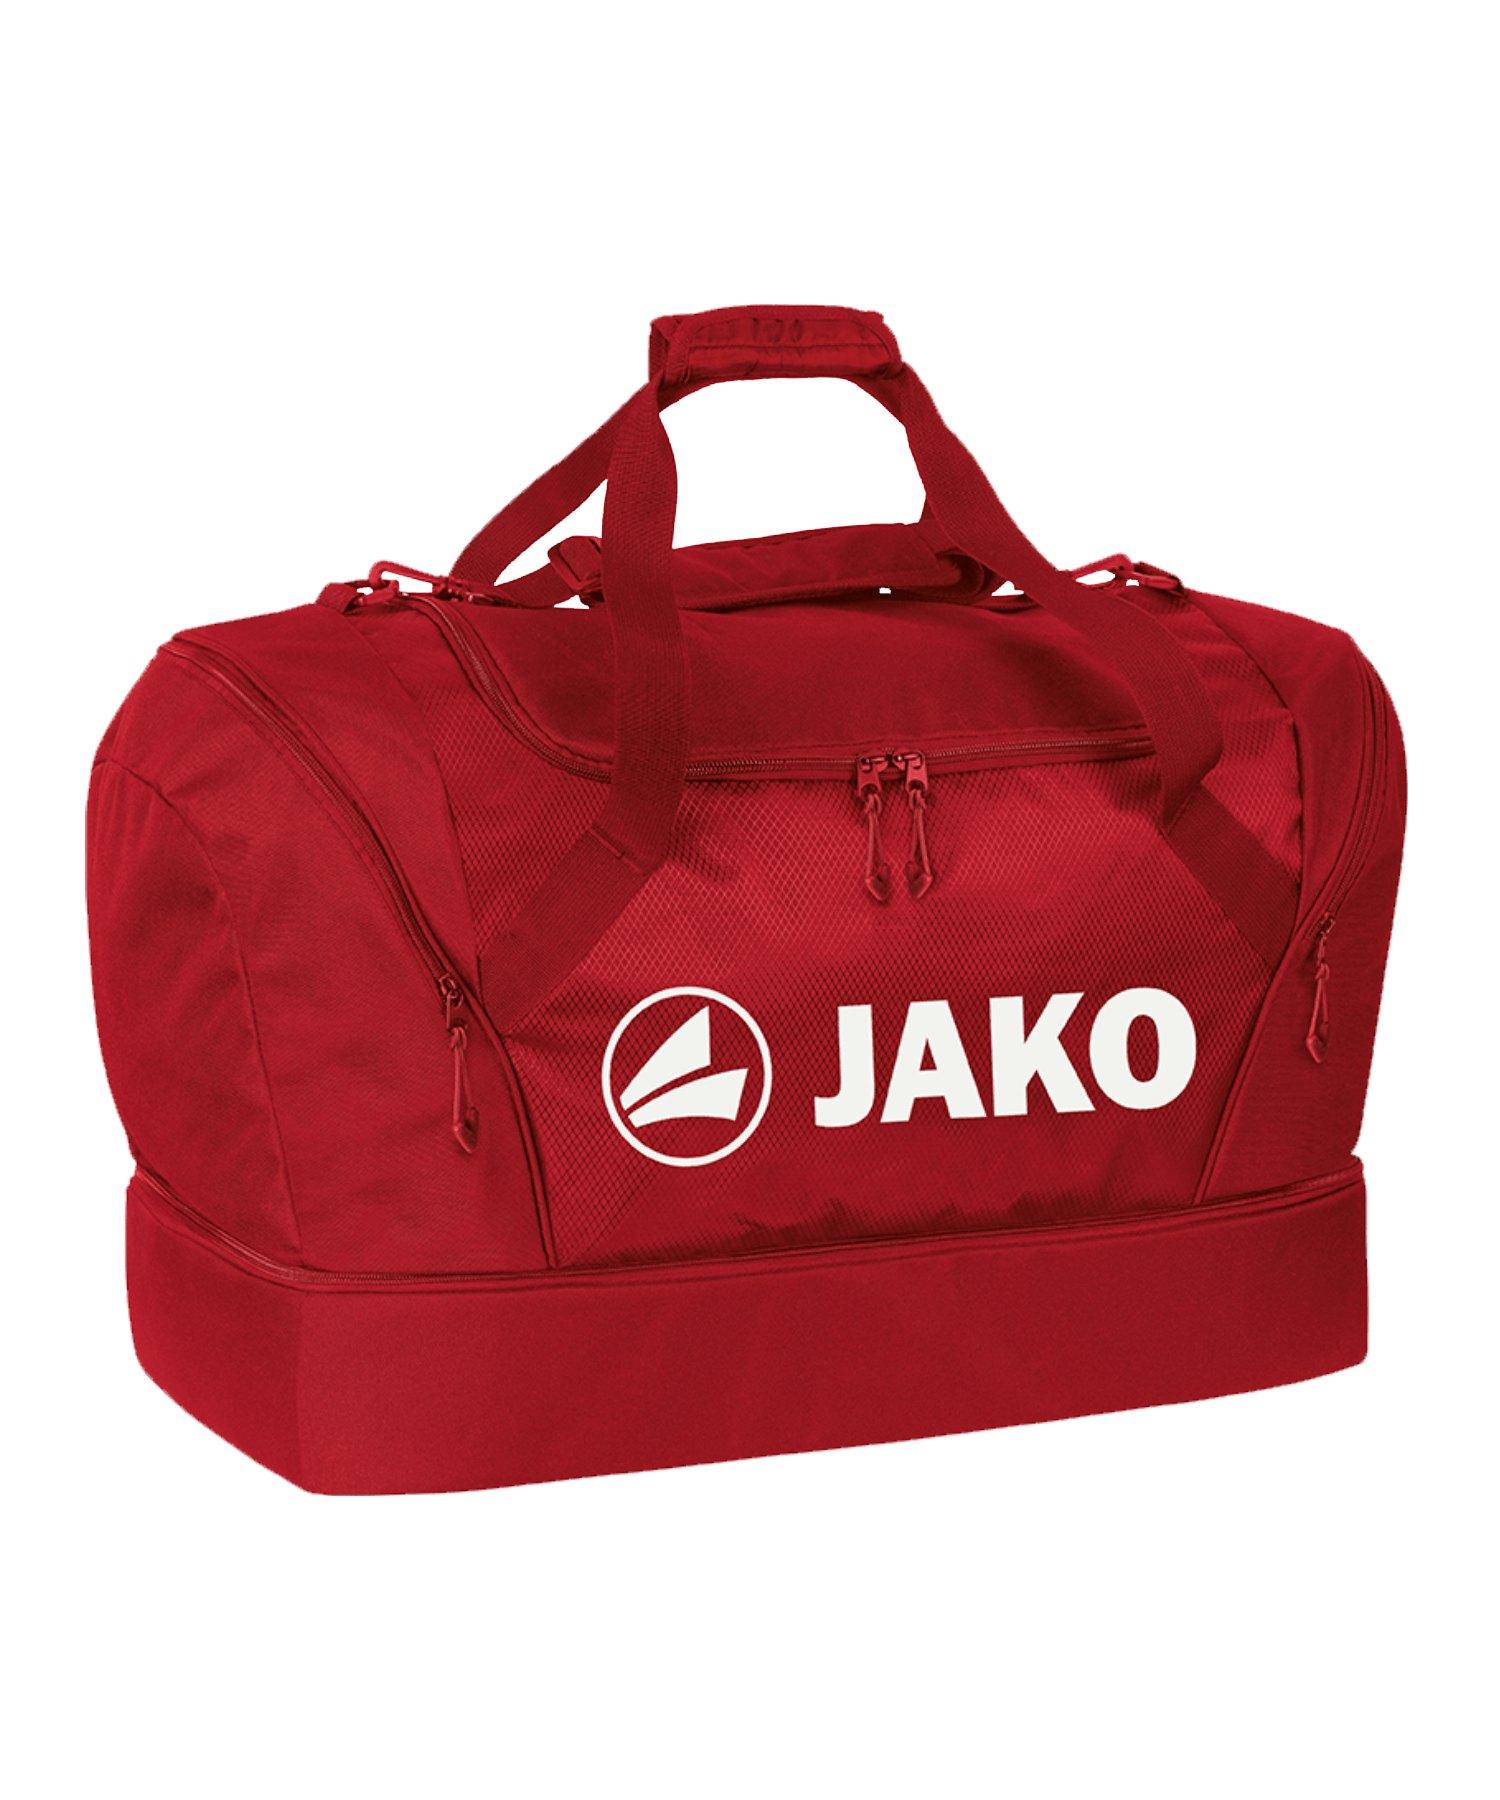 JAKO Sporttasche mit Bodenfach Senior Rot F11 - rot